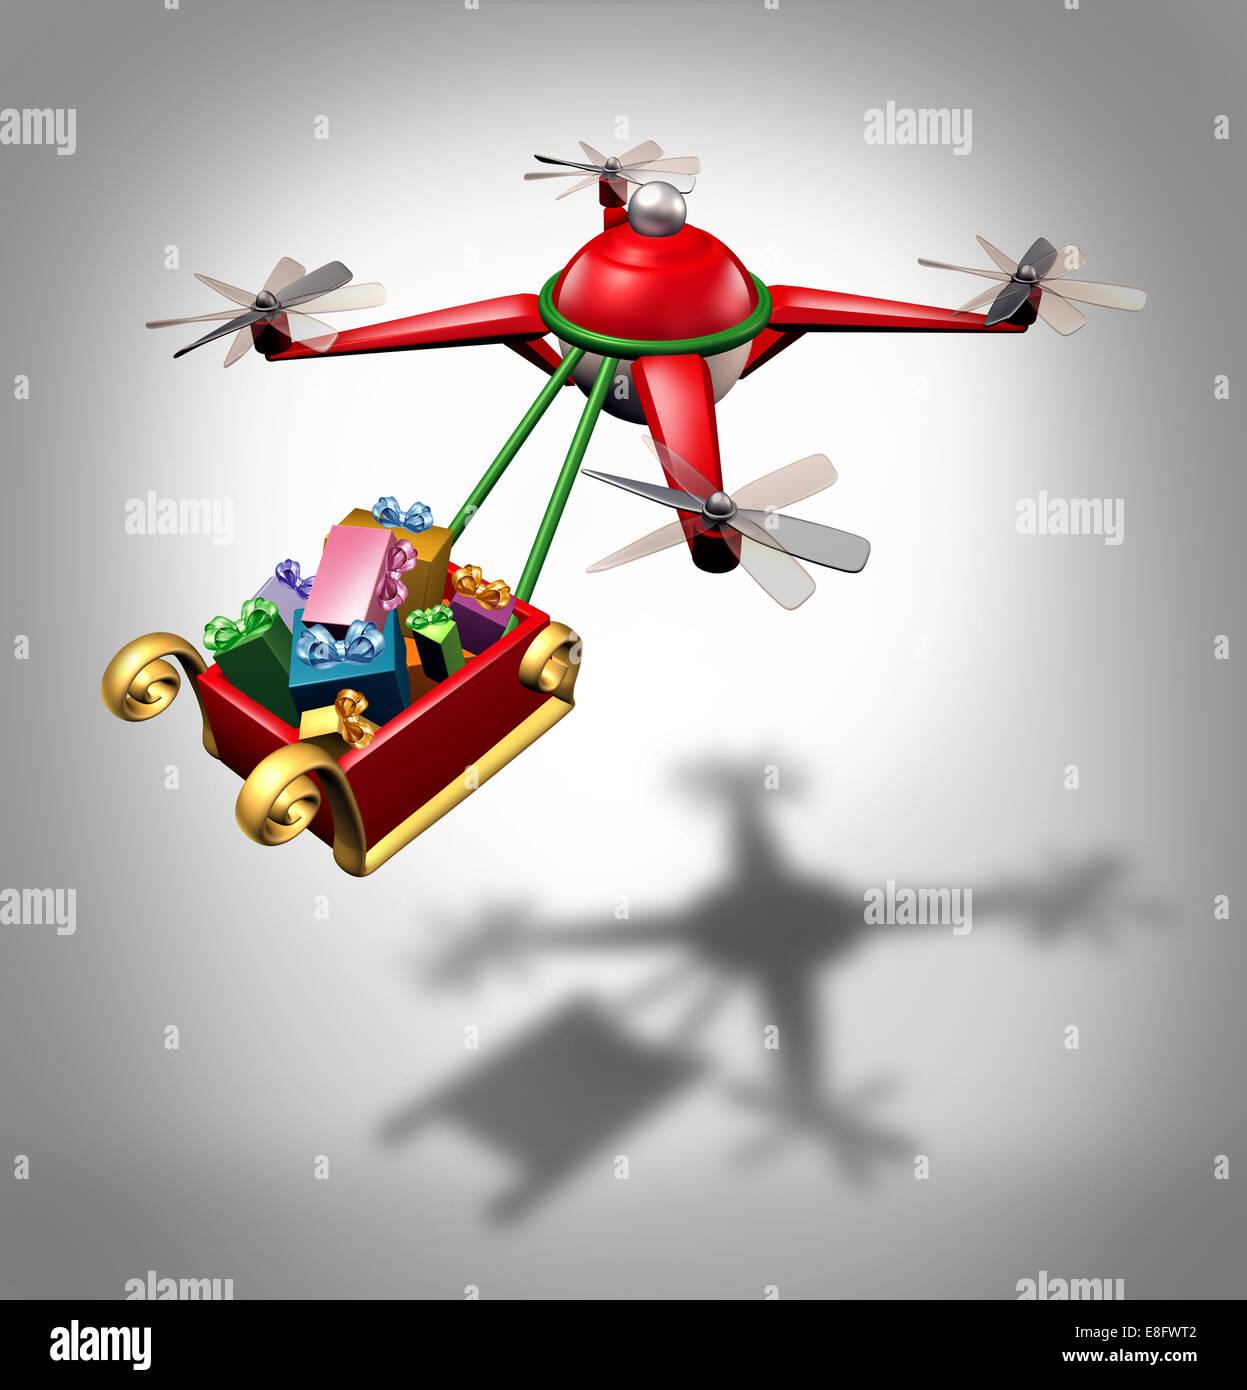 Maison de drone cadeaux de Noël comme un concept de traîneau transportant se présente avec une clause santa flying Banque D'Images